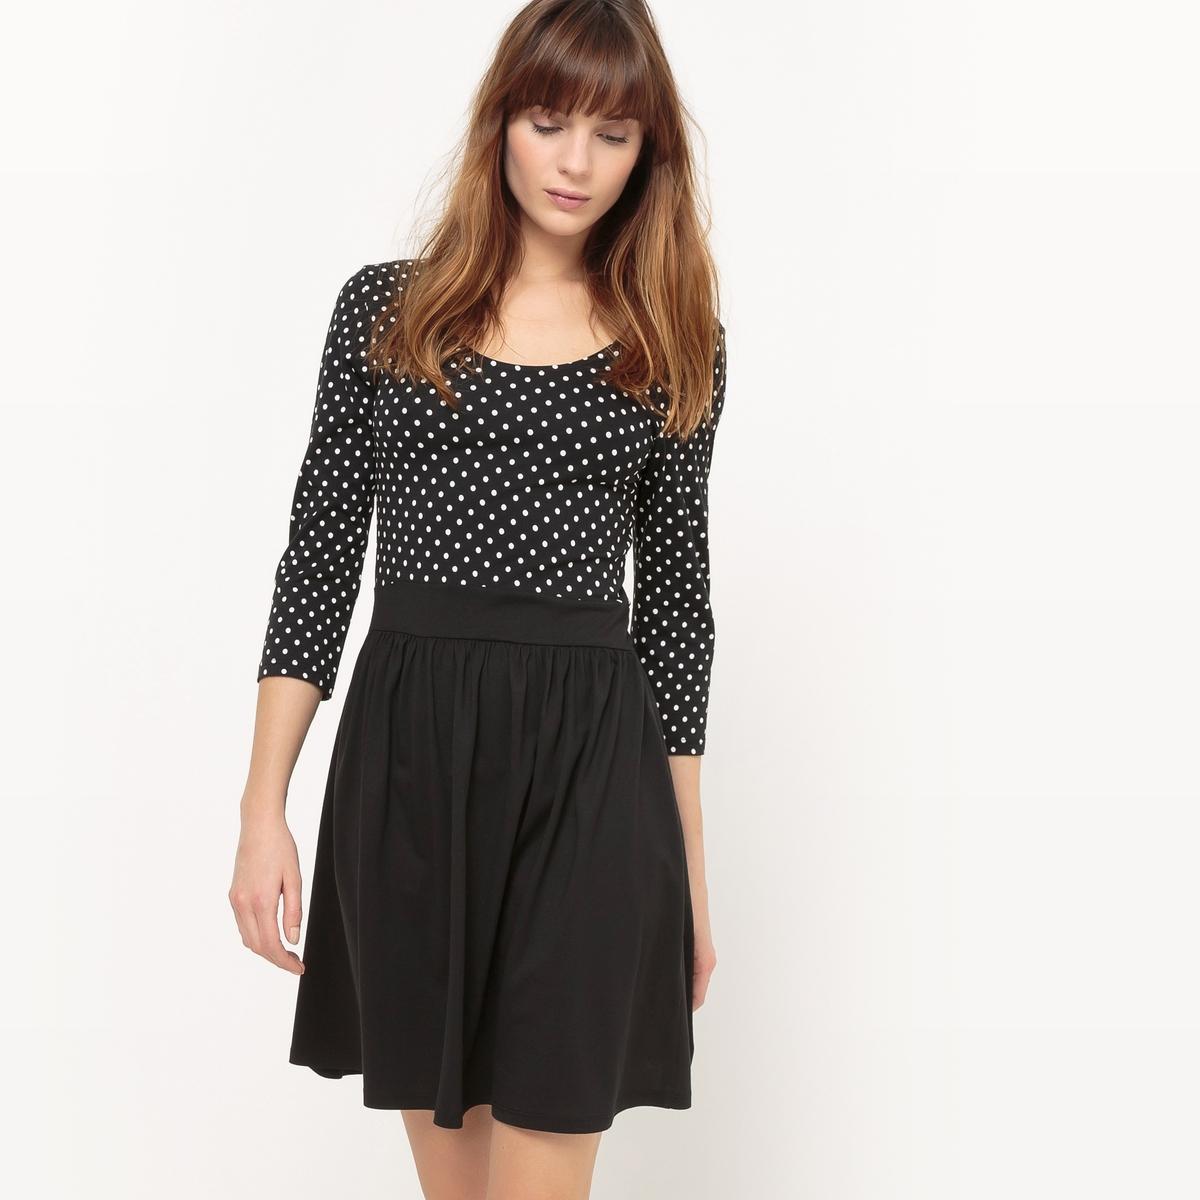 Платье короткое, с длинными рукавами, однотонноеМатериал : 100% хлопок  Длина рукава : длинные рукава  Форма воротника : V-образный вырез Покрой платья : платье прямого покроя      Рисунок : однотонная модель   Длина платья : короткое<br><br>Цвет: наб. рисунок фон черный